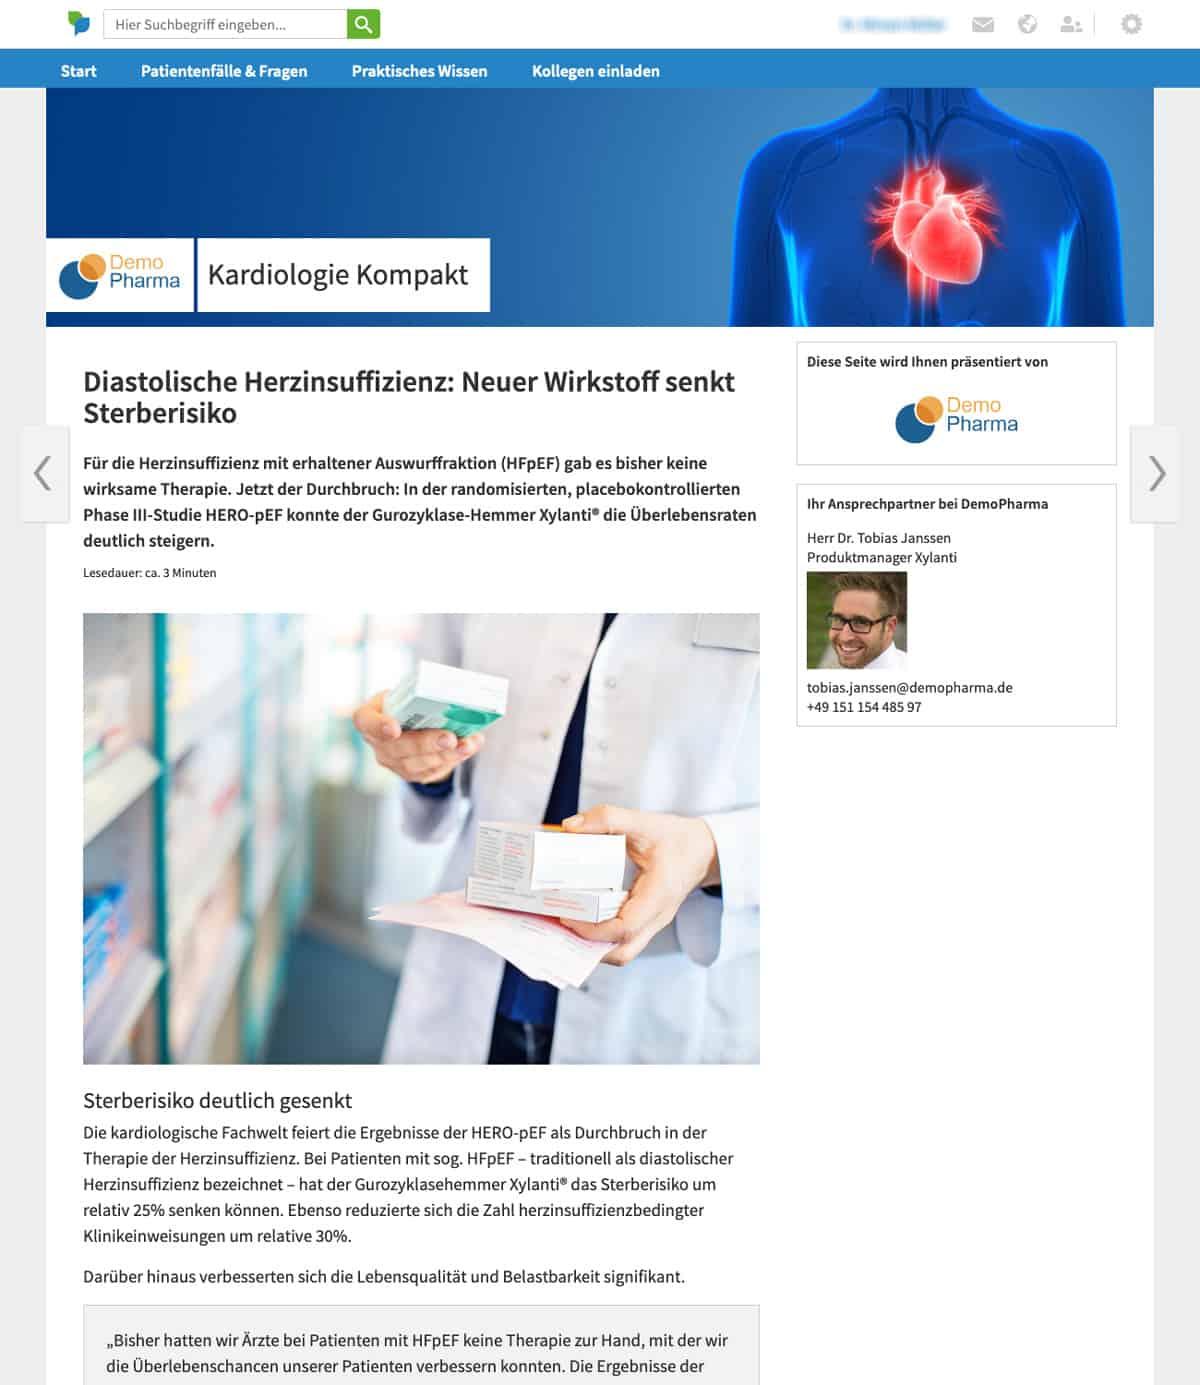 coliquio-beitrag-diastolische-herzinsuffizienz-neuer-wirkstoff-senkt-sterberisiko-1200×1385-screen